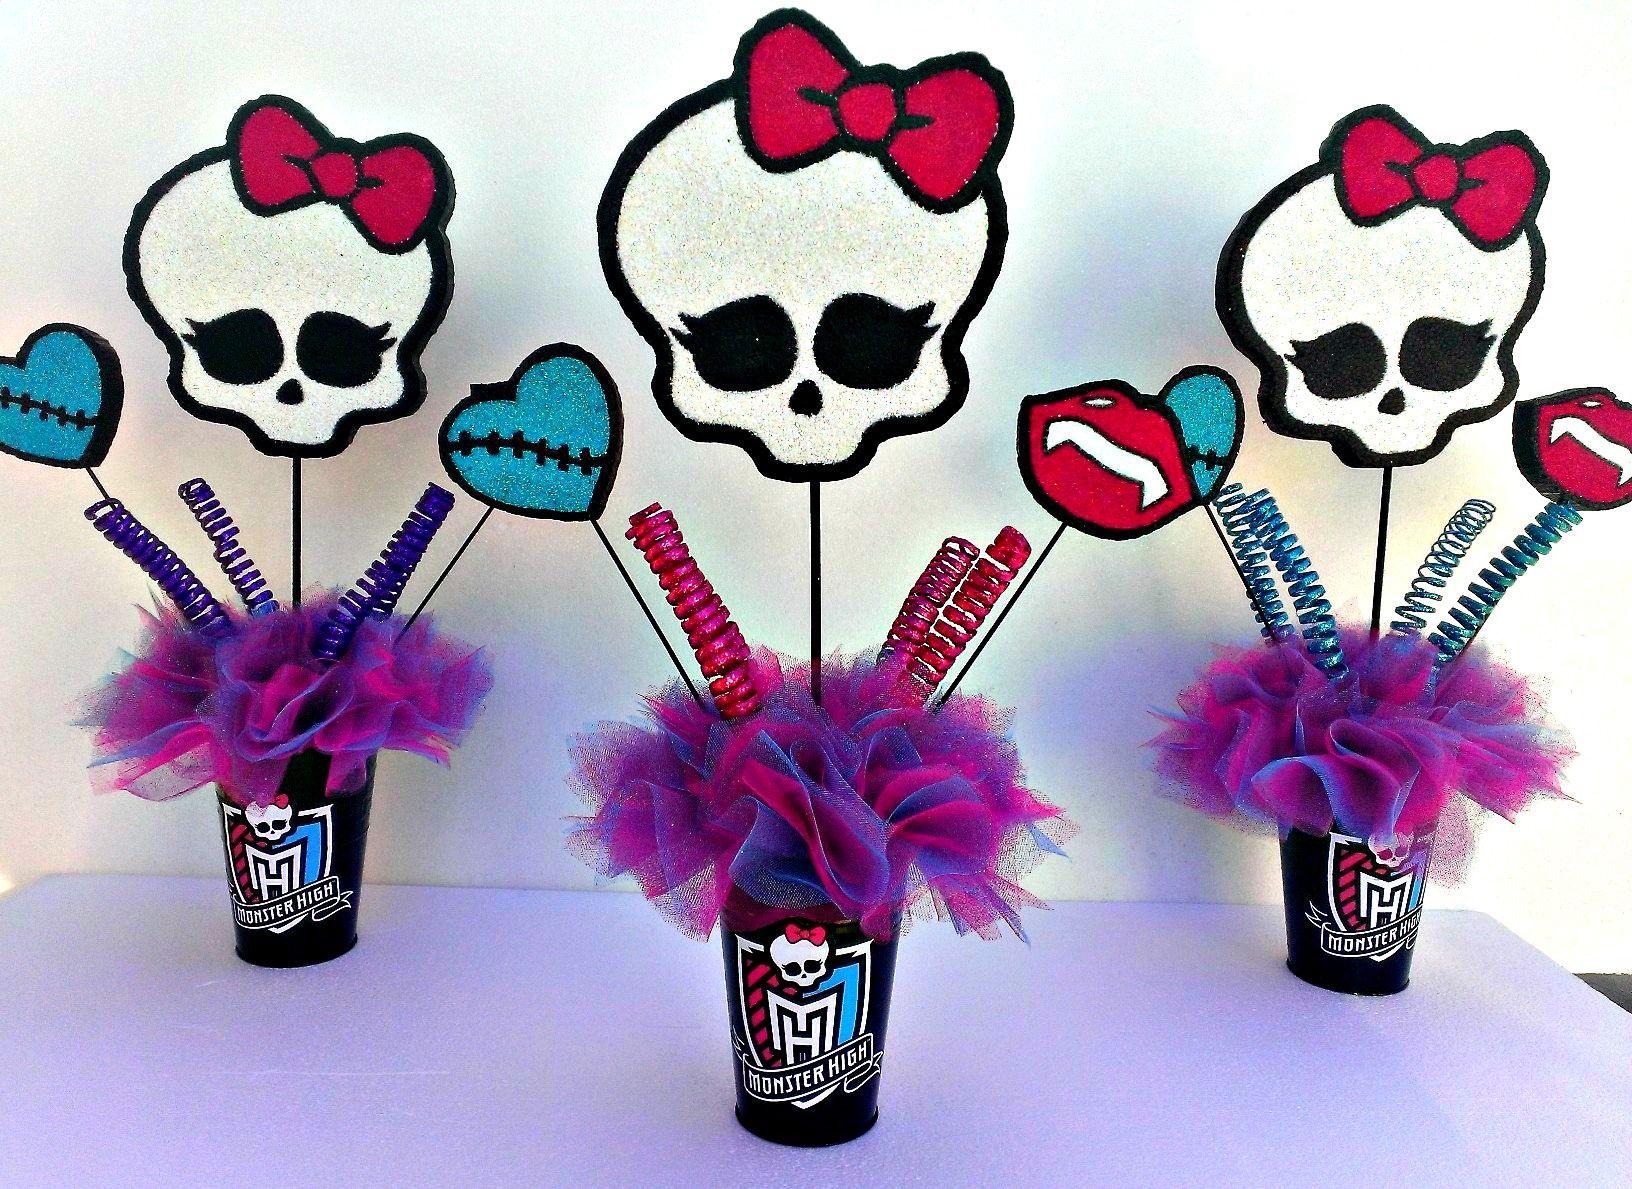 Monster High Theme Centerpieces | Fiesta de monster high, Cumpleaños de  monster high, Manualidades